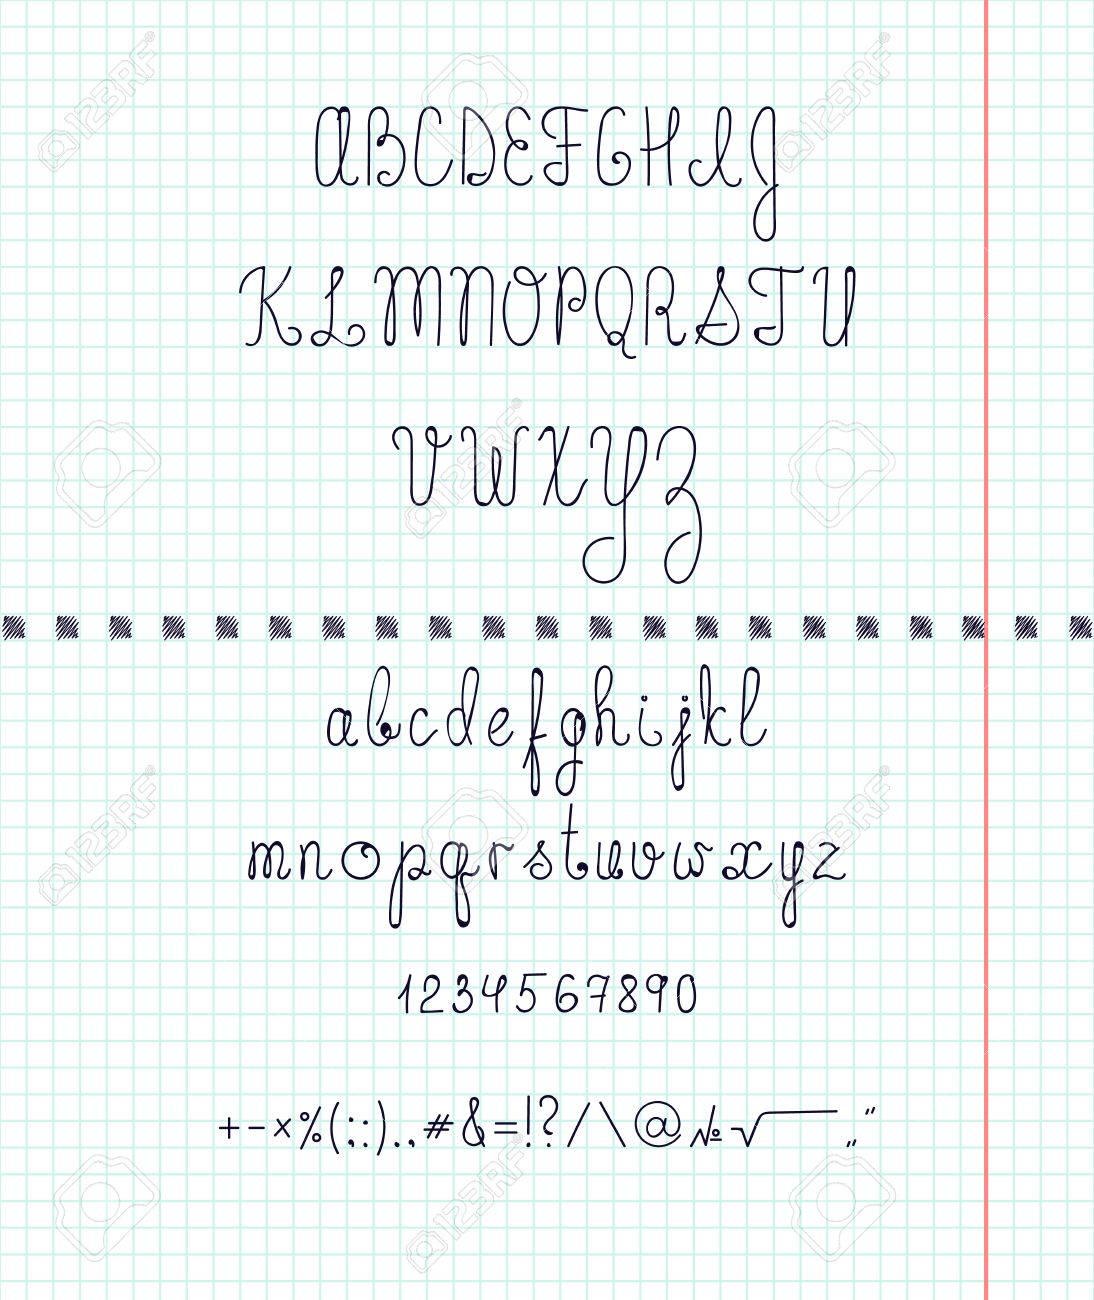 紙の上の資本の英語の手書きフォントを設定します手作りフォント文字